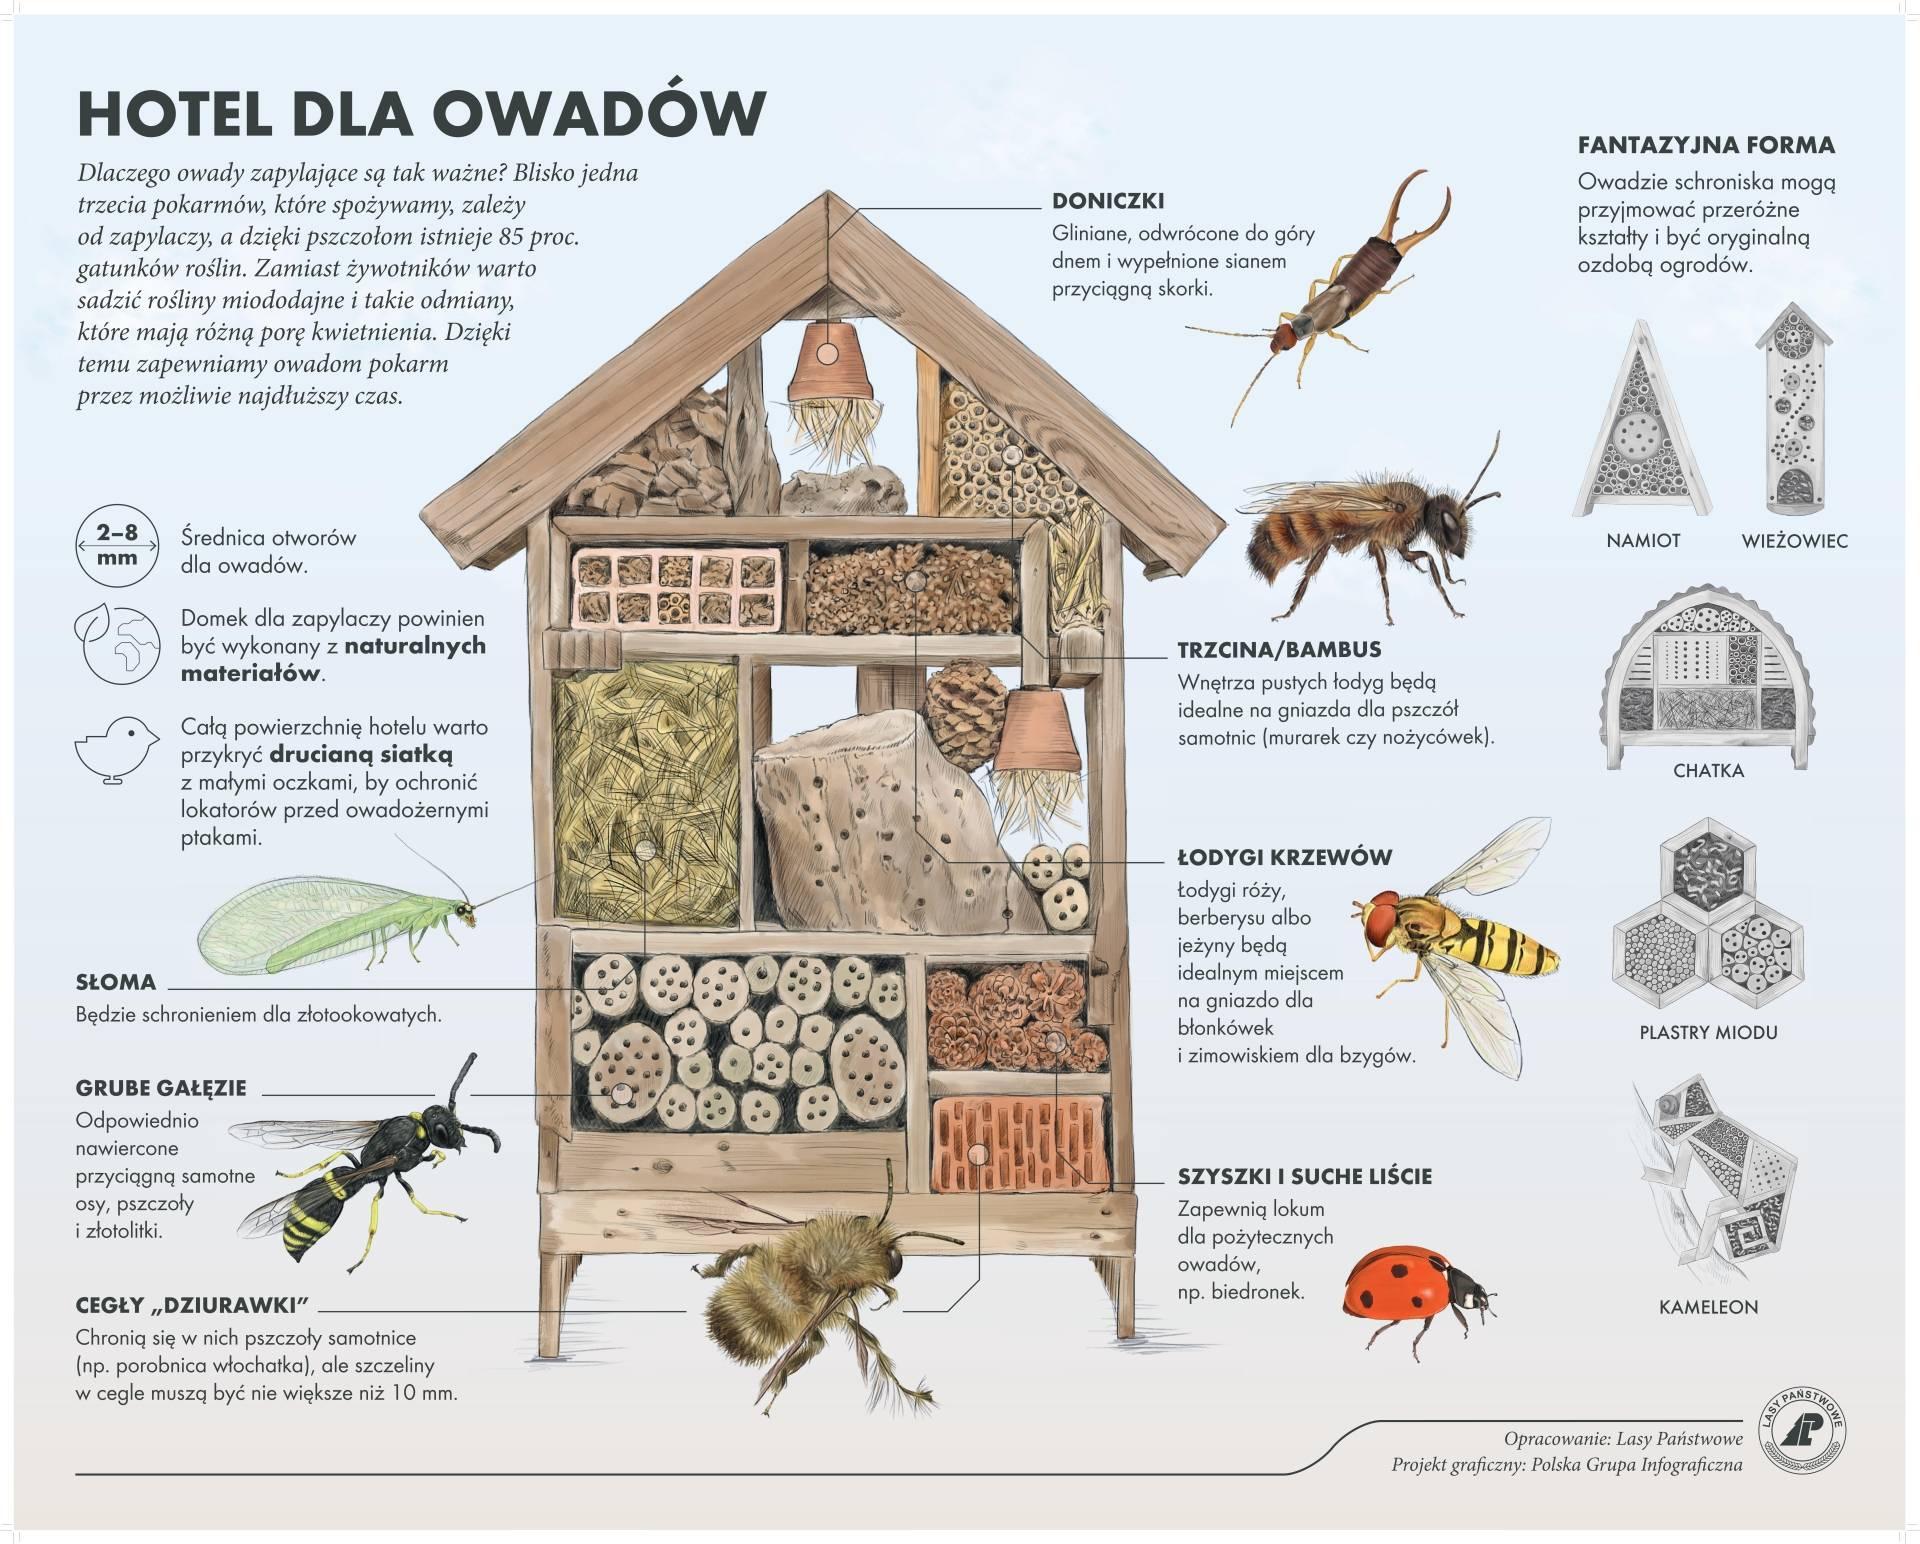 Domek dla owadów - jak zbudować hotel dla pszczół? Infografika